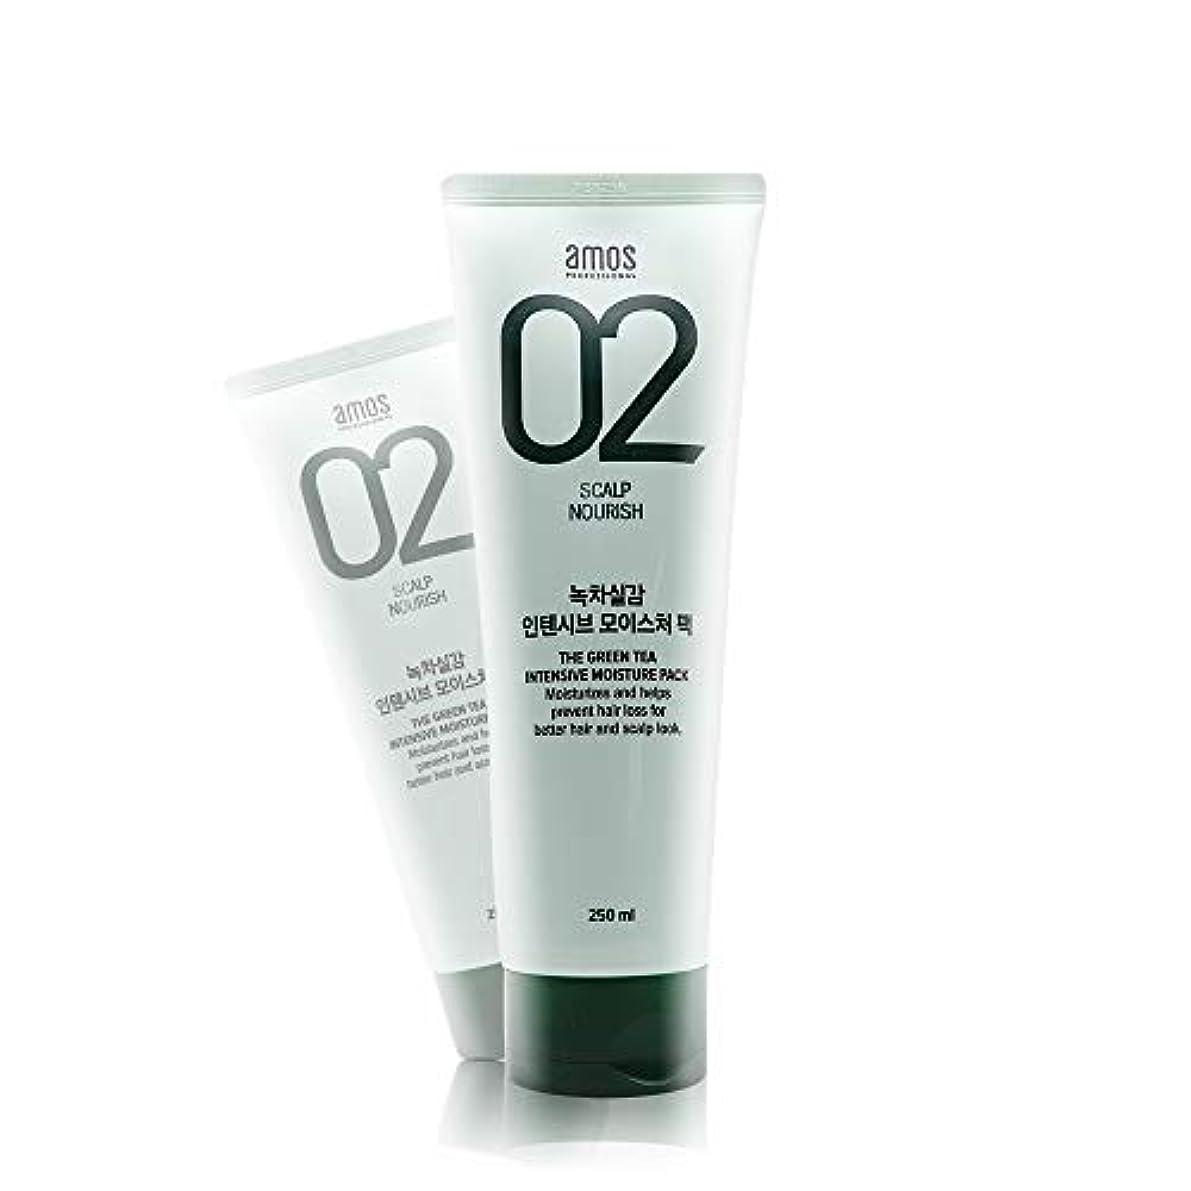 ピクニックウェーハ図アモス AMOS 緑茶実感インテンシブモイスチャーパック 250g, Feel the Green Tea Intensive Moisture Hair Pack